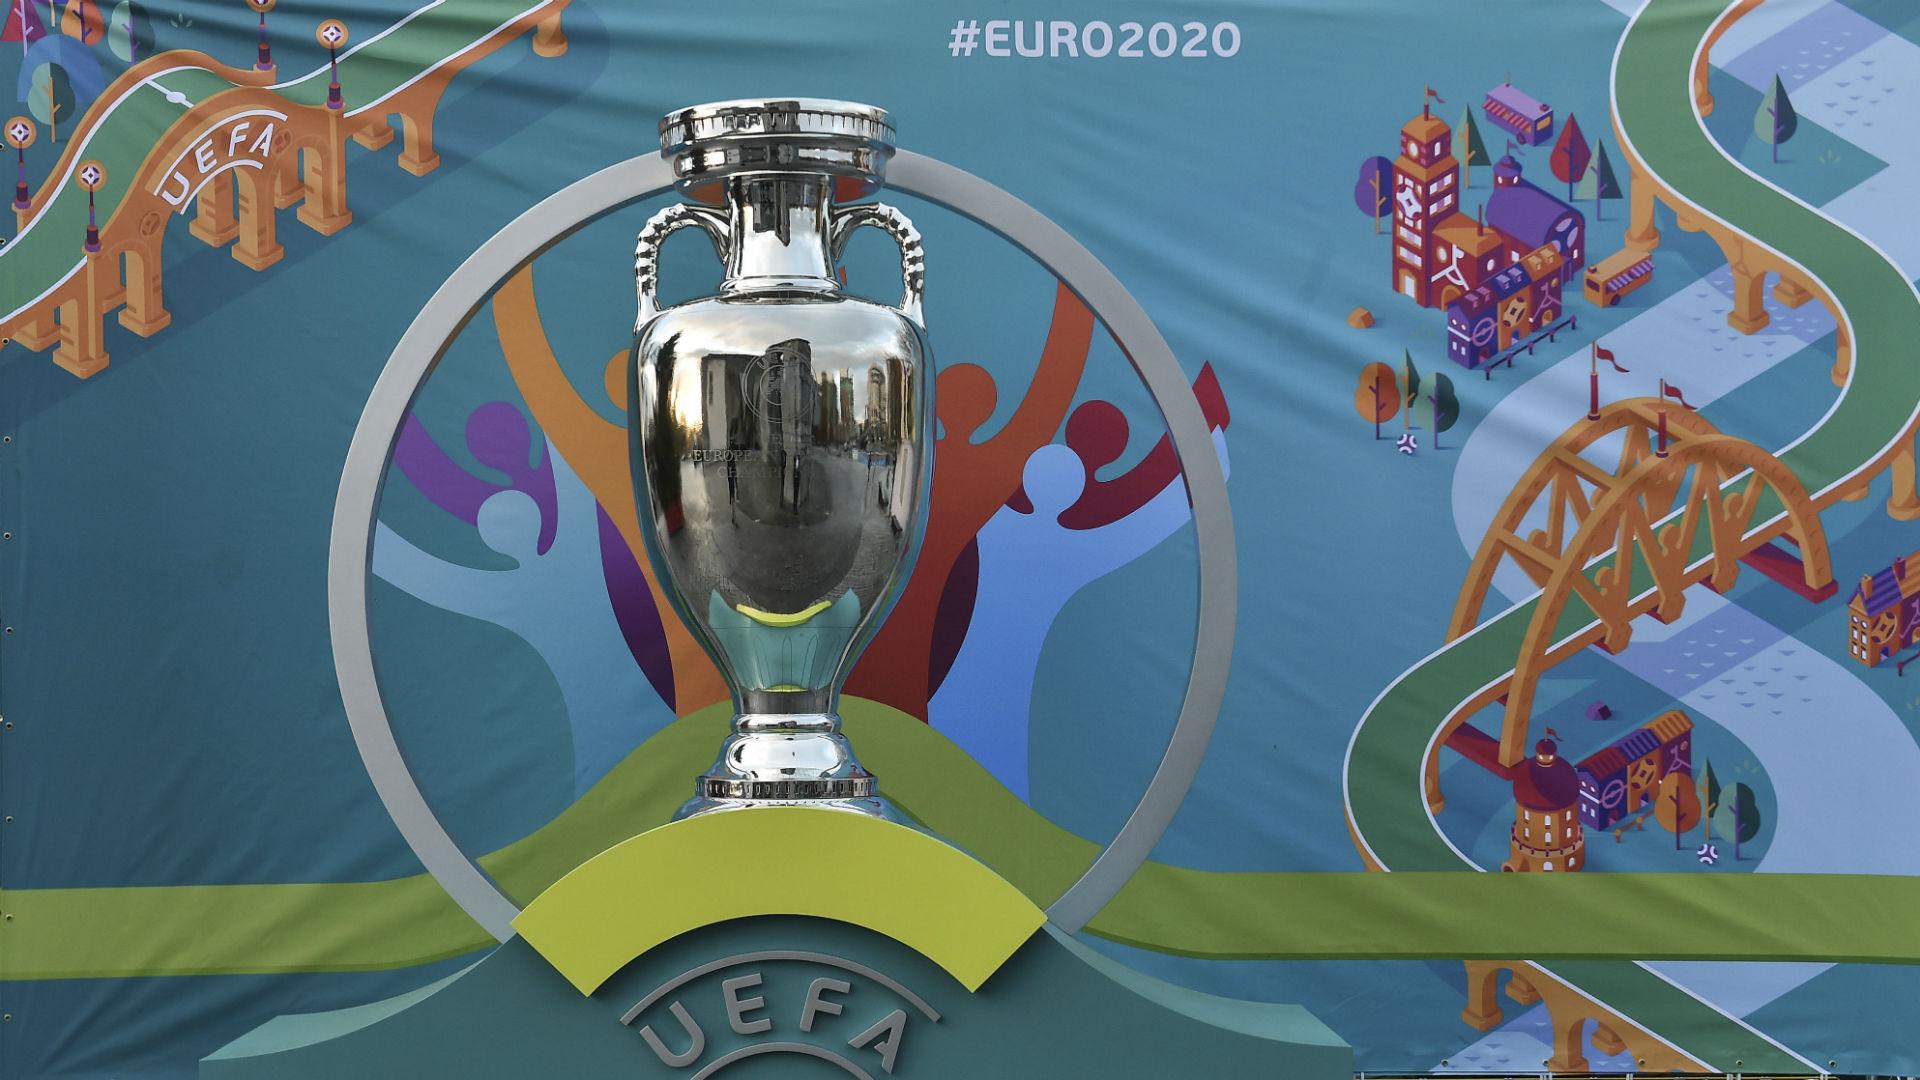 Euro 2020 Henri Delaunay Cup 14112016